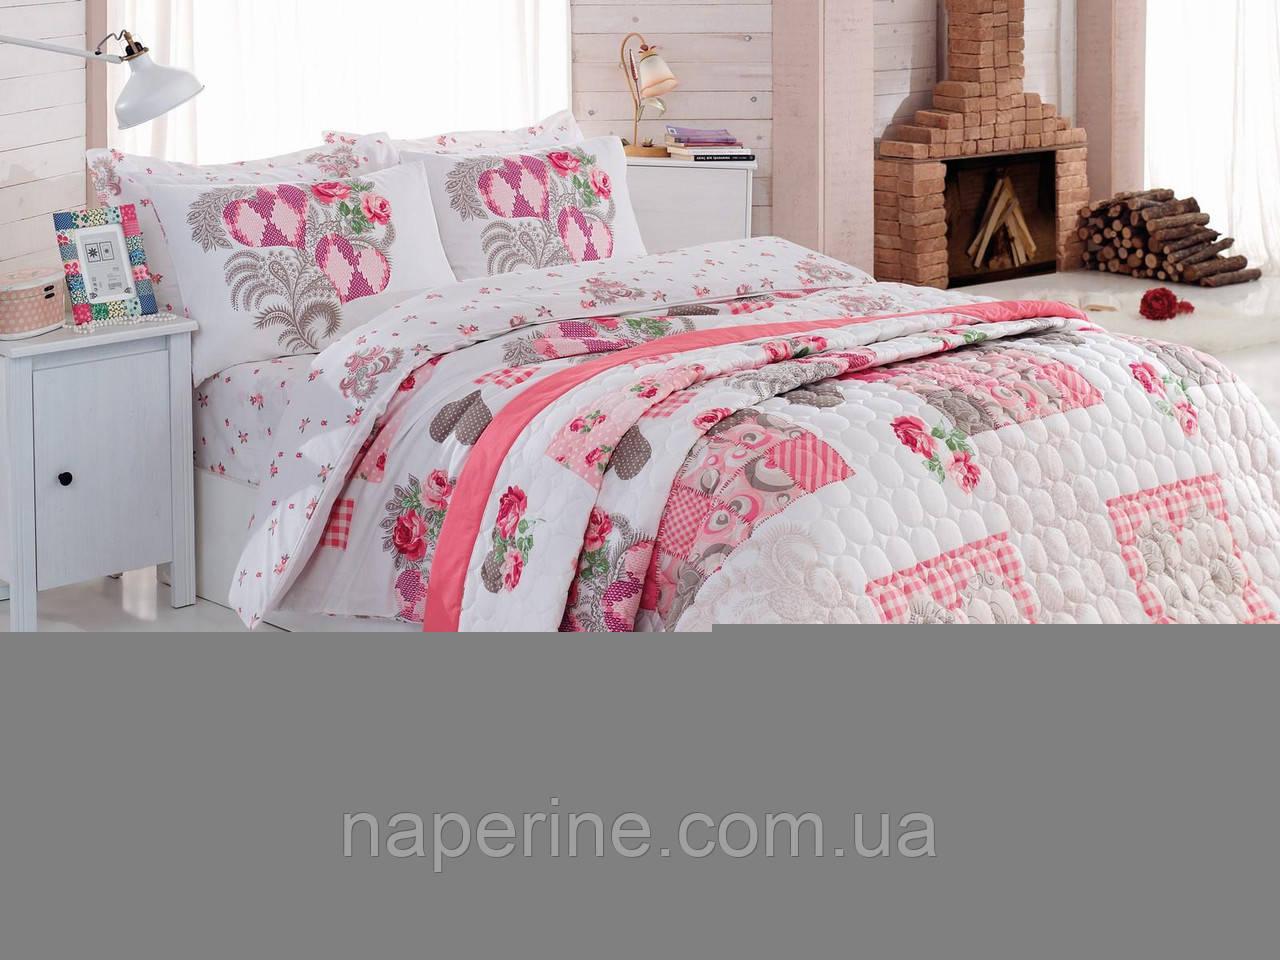 Постельное бельё полуторное  со стёганым летним одеялом Cotton box Angel